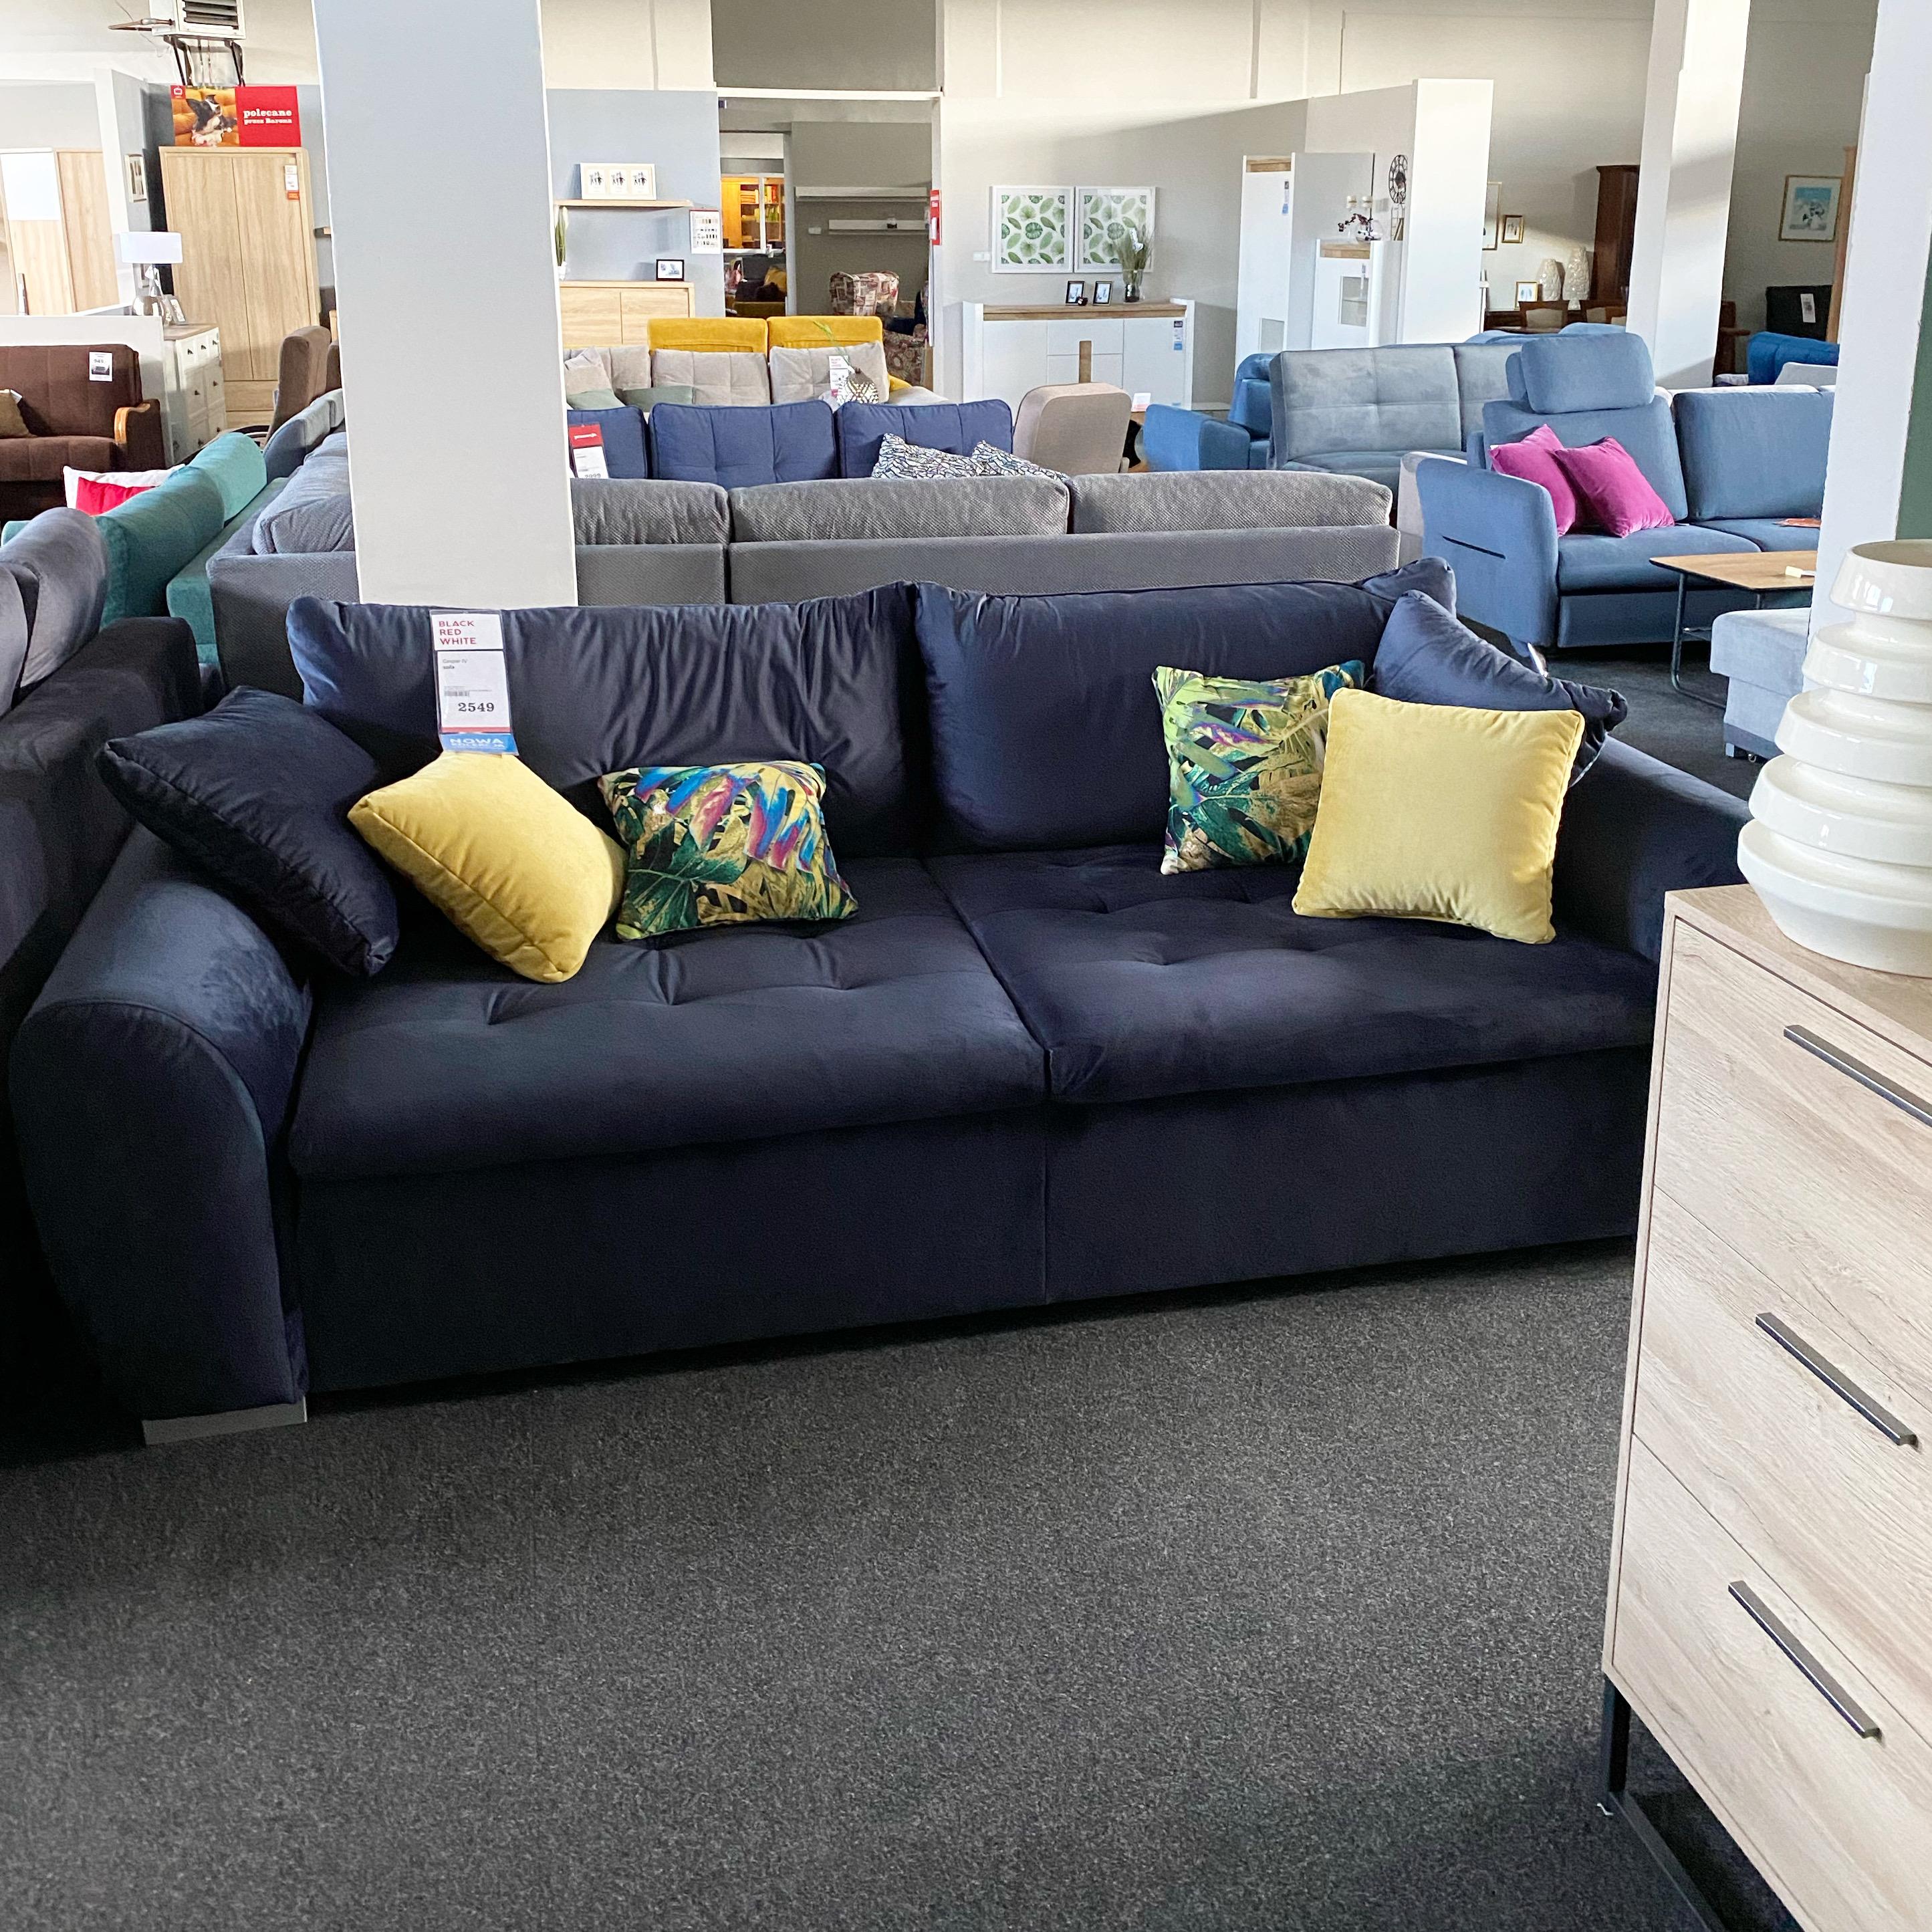 ormeb meble międzyrzecz sklep sofa